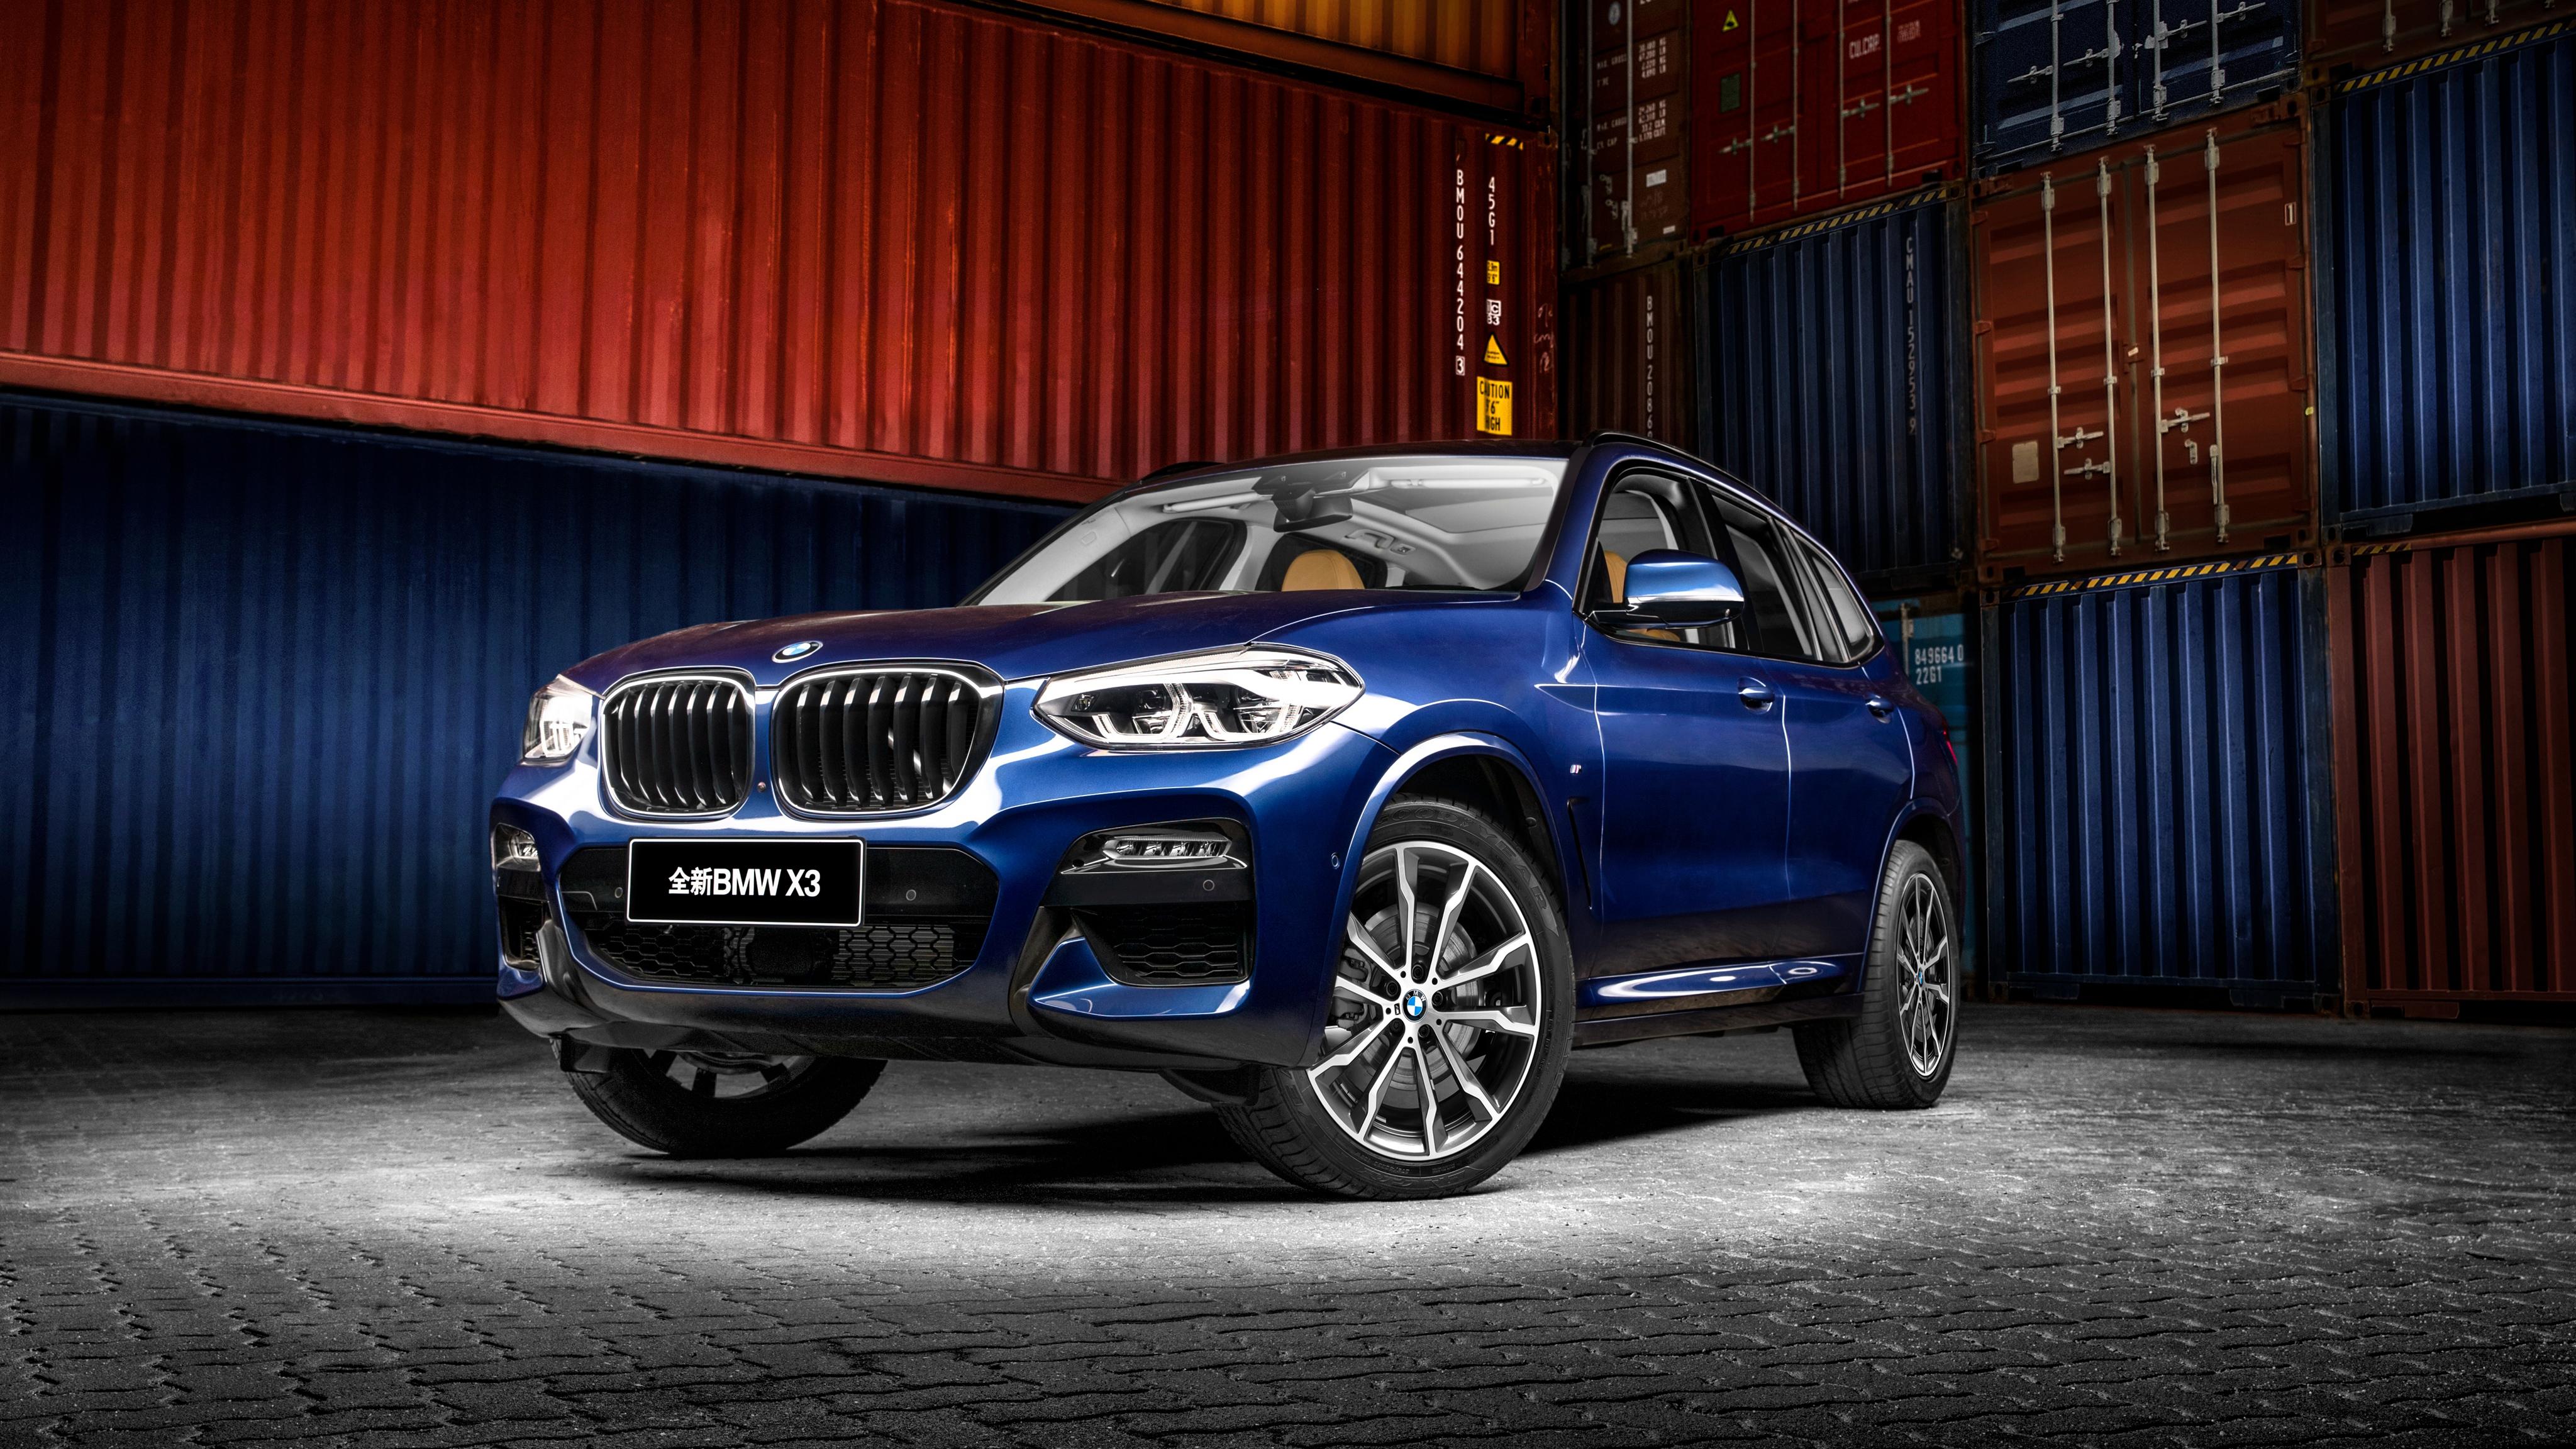 2018 BMW X3 xDrive30i M Sport China 4K 2 Wallpaper | HD ...